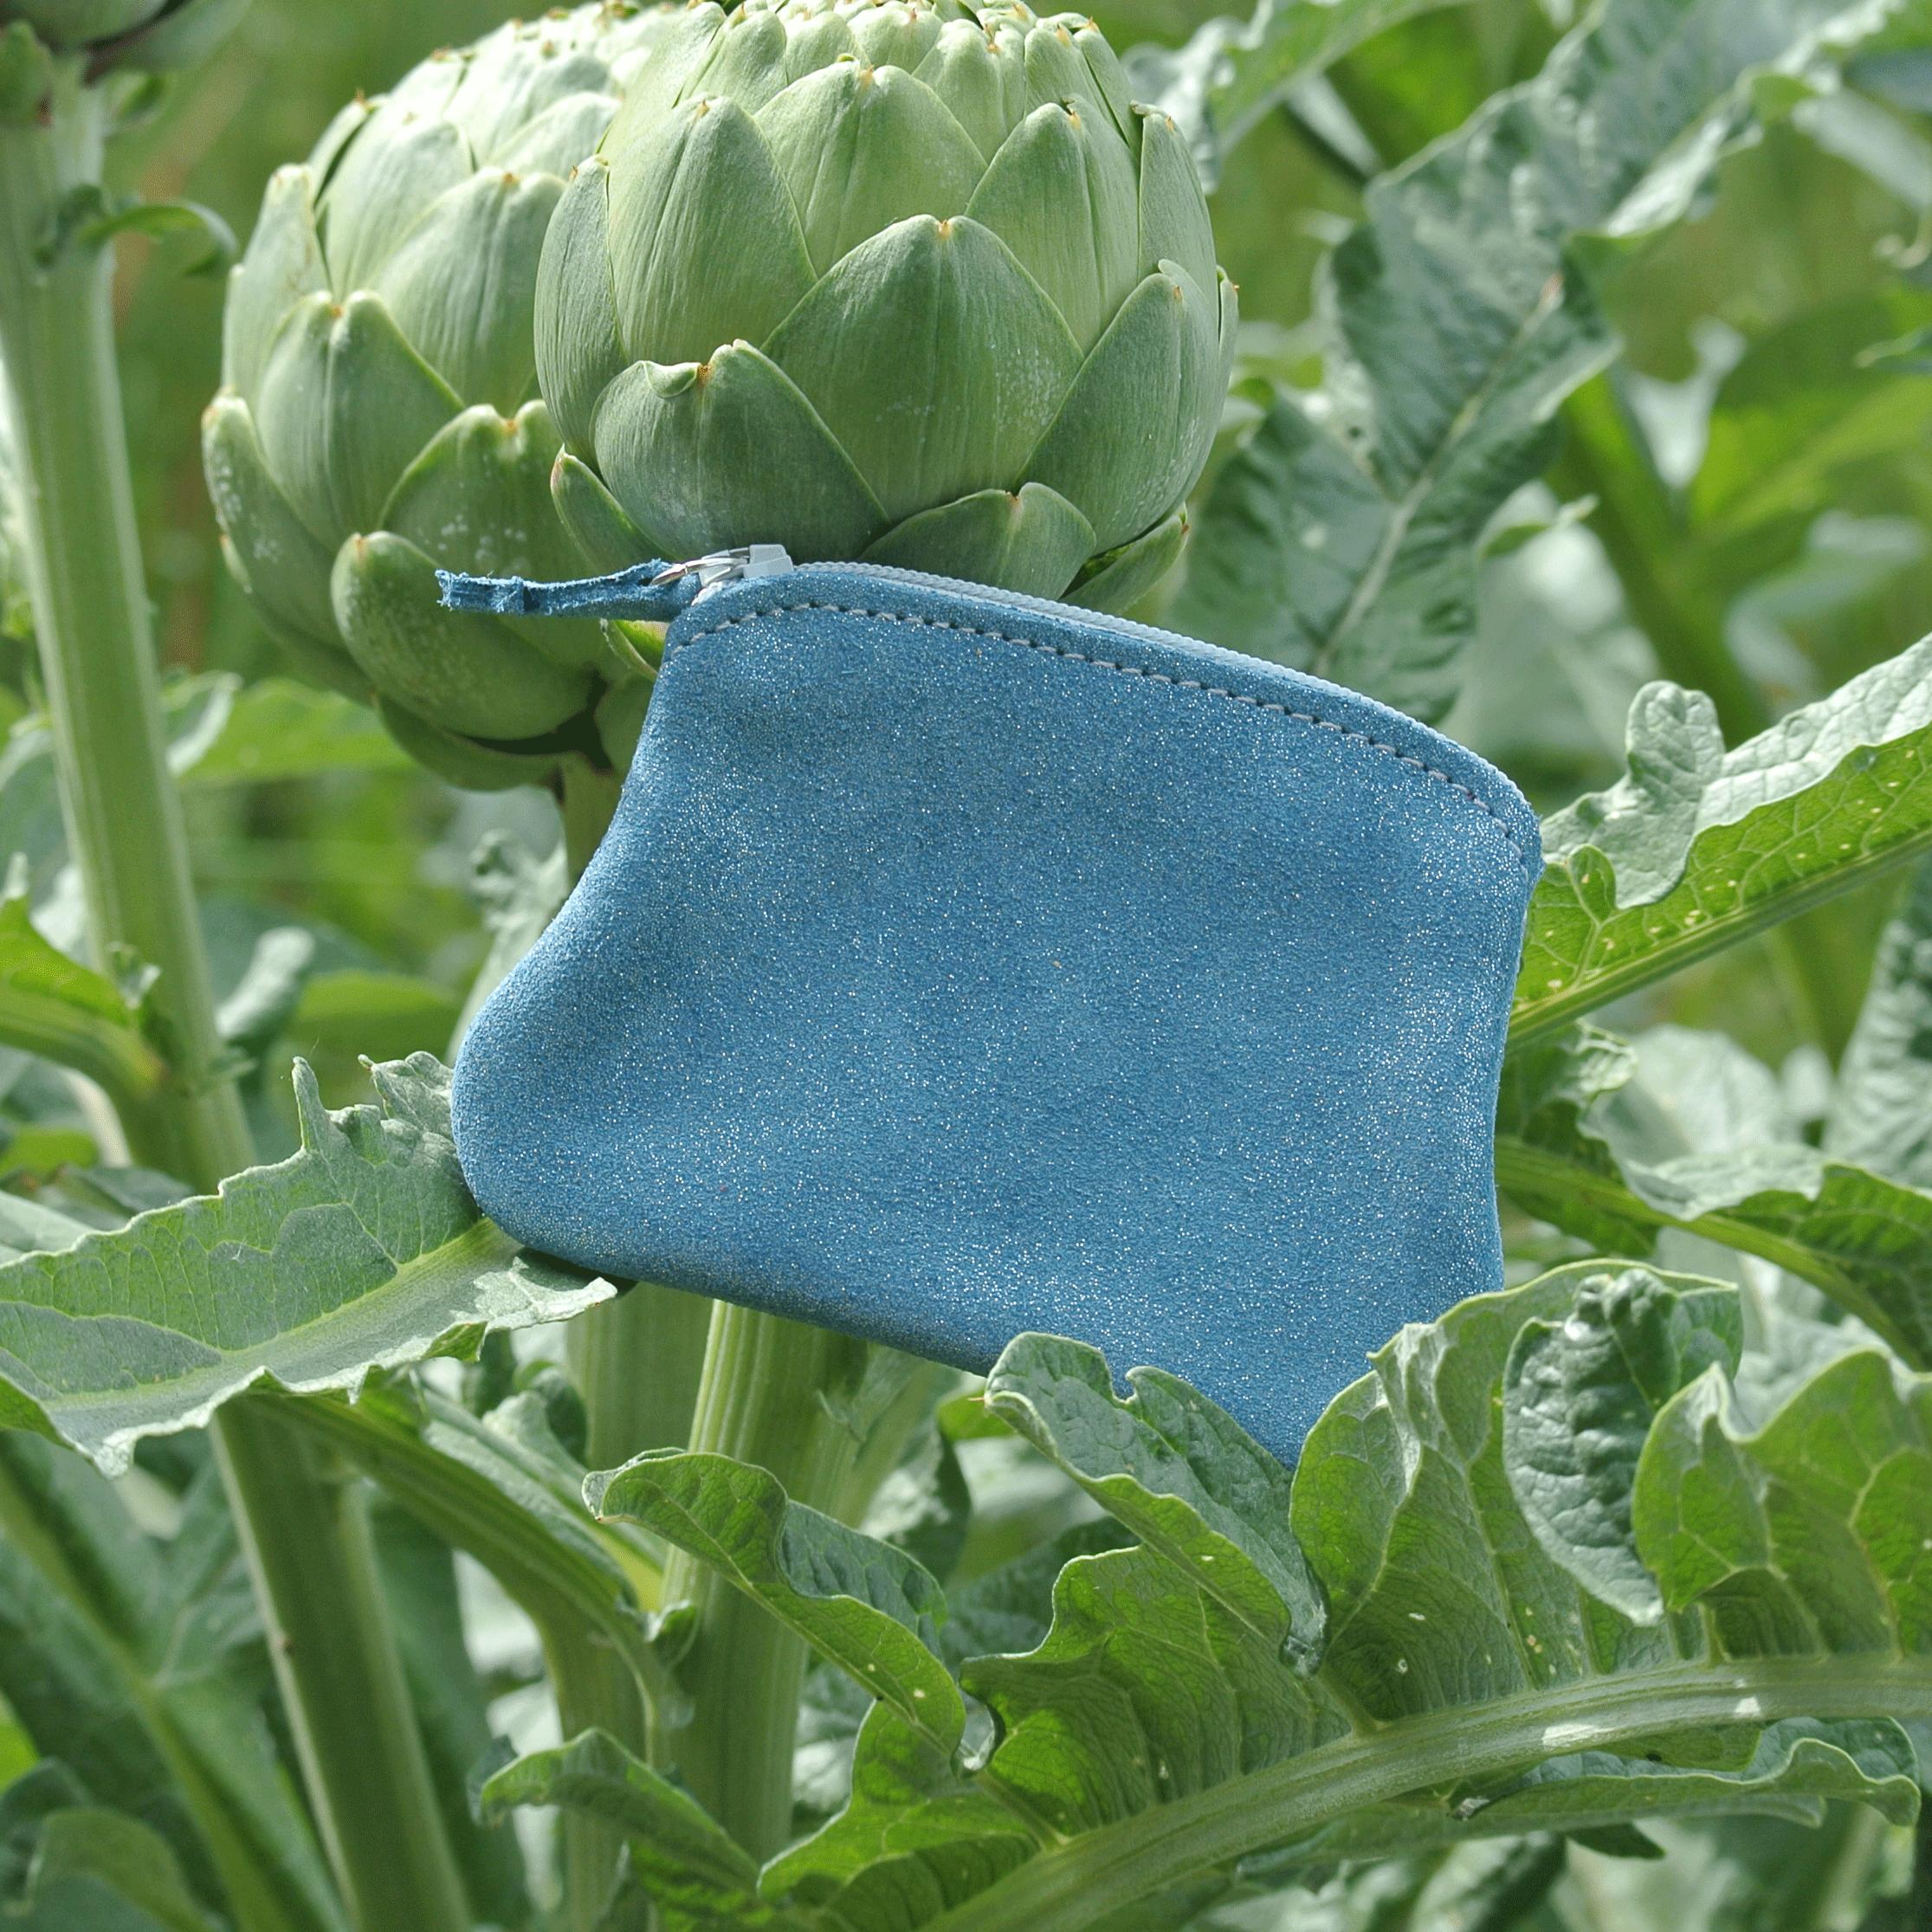 cuirs-fantaisies-la-cartabliere-fabrique-en-france-porte-monnaie-kiwi-en-cuir-paillete-bleu-sarcelle